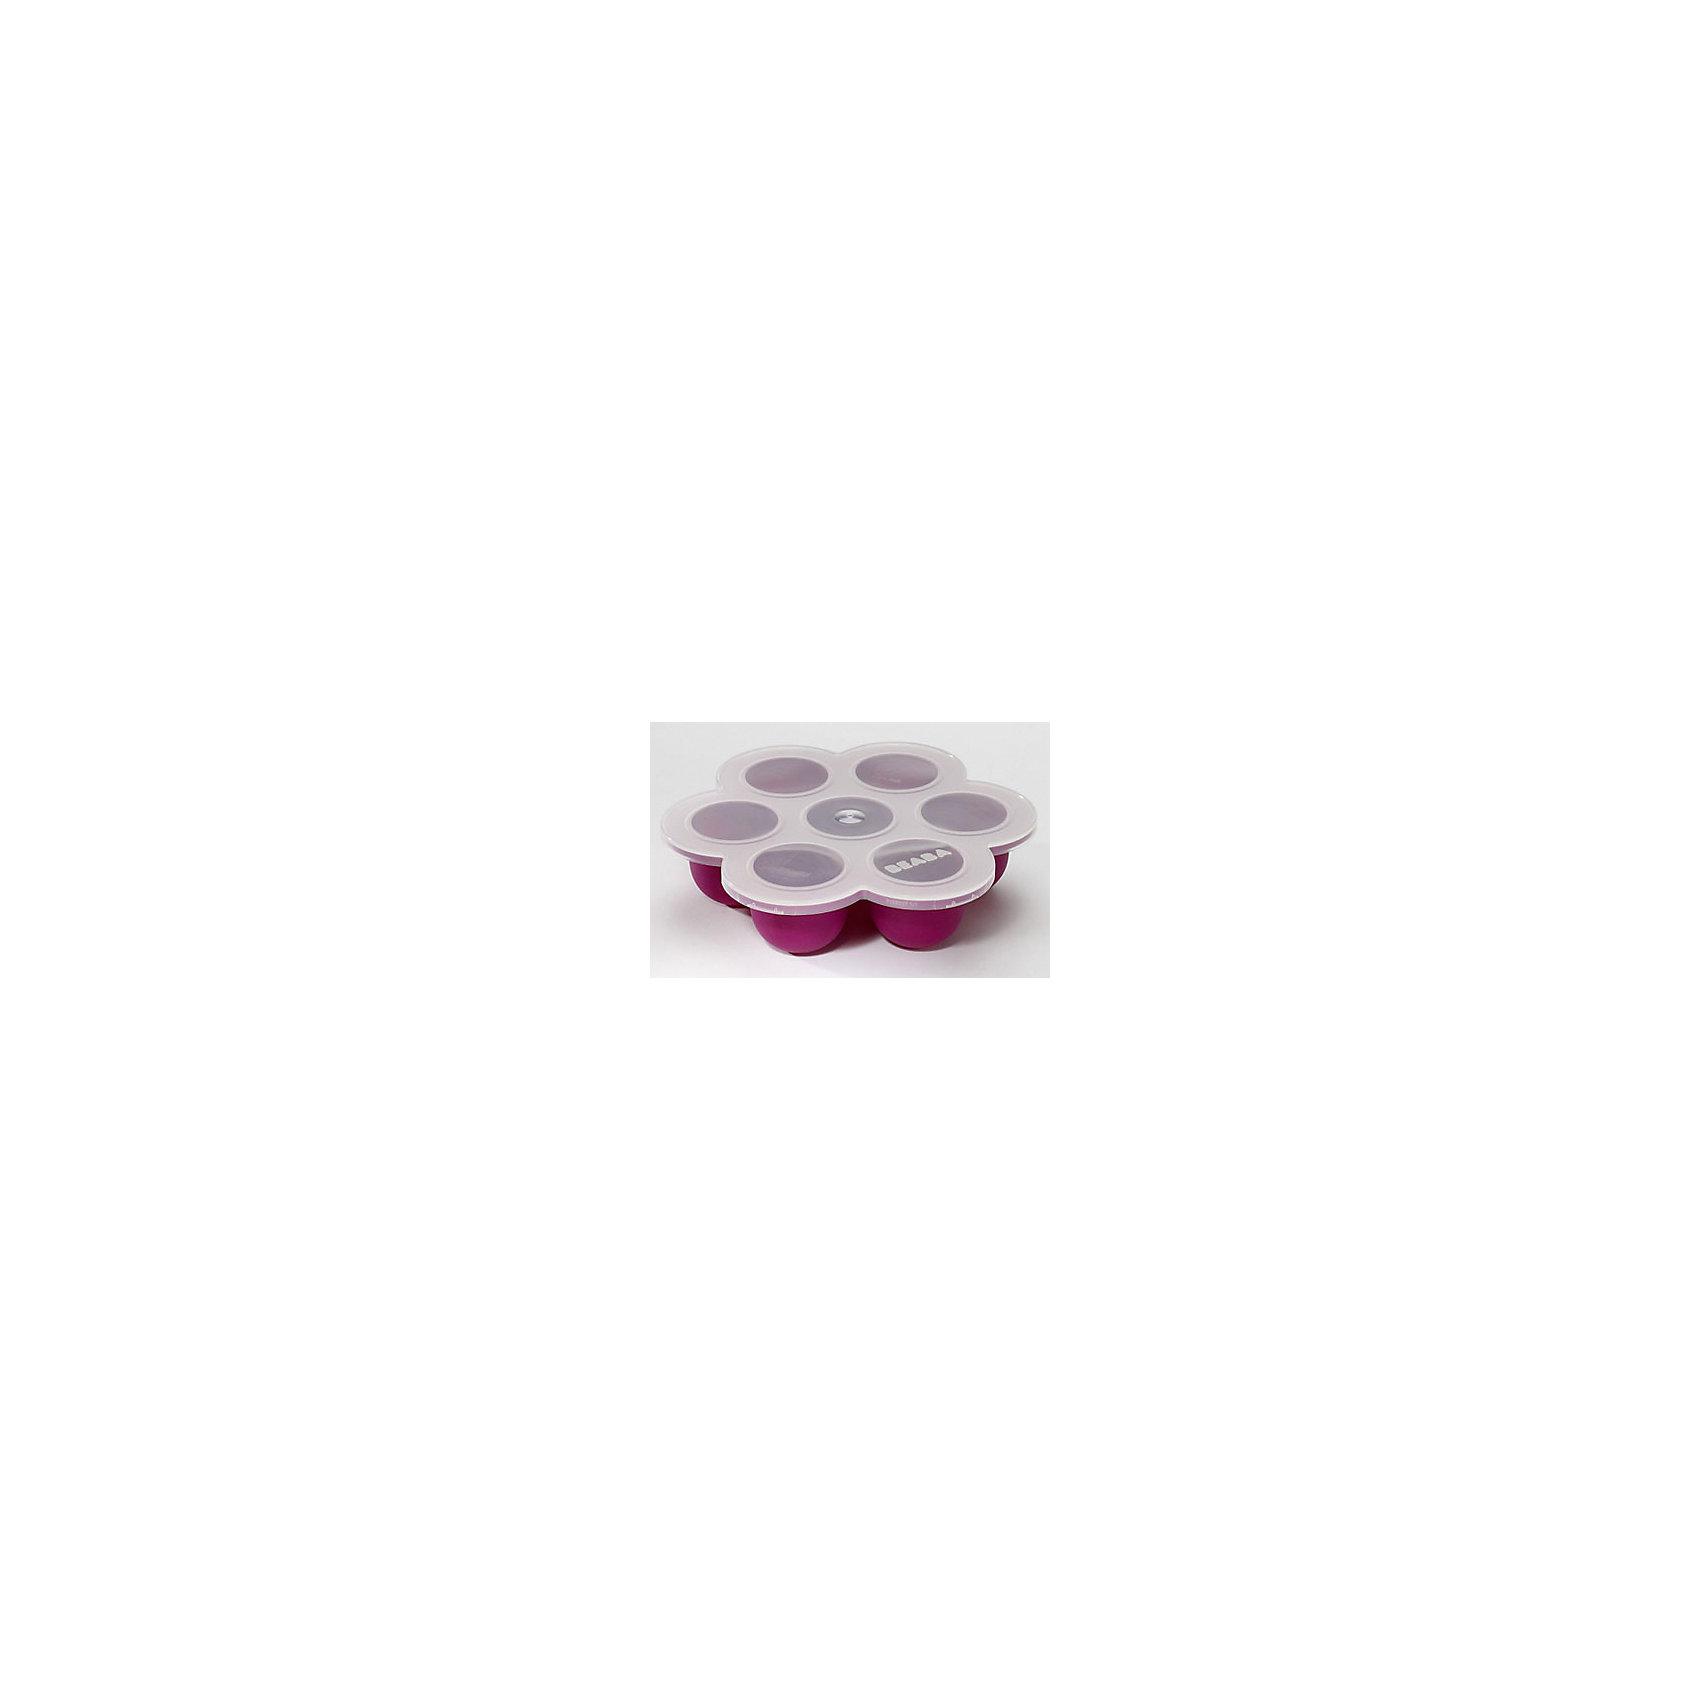 Силиконовый многопорционный контейнер SILICONE MULTI PORTIONS, Beaba, сливовыйСиликоновый контейнер Silicone Multi Portions, Beaba, станет Вам замечательным помощником в уходе за малышом и прекрасно подойдет для хранения детского питания. Компактный контейнер содержит семь ячеек объемом 60 мл. каждая и позволяет хранить свежее смеси и пюре либо замораживать их в морозильной камере. Плотная герметичная крышка не пропускает посторонние запахи внутрь. Контейнер изготовлен из высококачественного мягкого силикона без содержания бисфенола А. Можно замораживать, использовать в микроволновой печи, мыть в посудомоечной машине. Запрещено использование в духовом шкафу. <br><br>Дополнительная информация:<br><br>- Материал: силикон.<br>- Общий объем: 420 мл. (7 порций по 60 мл.) <br>- Размер контейнера: ширина - 21 см., высота - 5 см. <br>- Размер упаковки: 21,2 x 22,5 x 5,1 см.<br>- Вес: 0,32 кг.<br><br>Силиконовый многопорционный контейнер Silicone Multi Portions, Beaba, сливовый, можно купить в нашем интернет-магазине.<br><br>Ширина мм: 212<br>Глубина мм: 225<br>Высота мм: 51<br>Вес г: 320<br>Возраст от месяцев: 4<br>Возраст до месяцев: 36<br>Пол: Унисекс<br>Возраст: Детский<br>SKU: 4389024